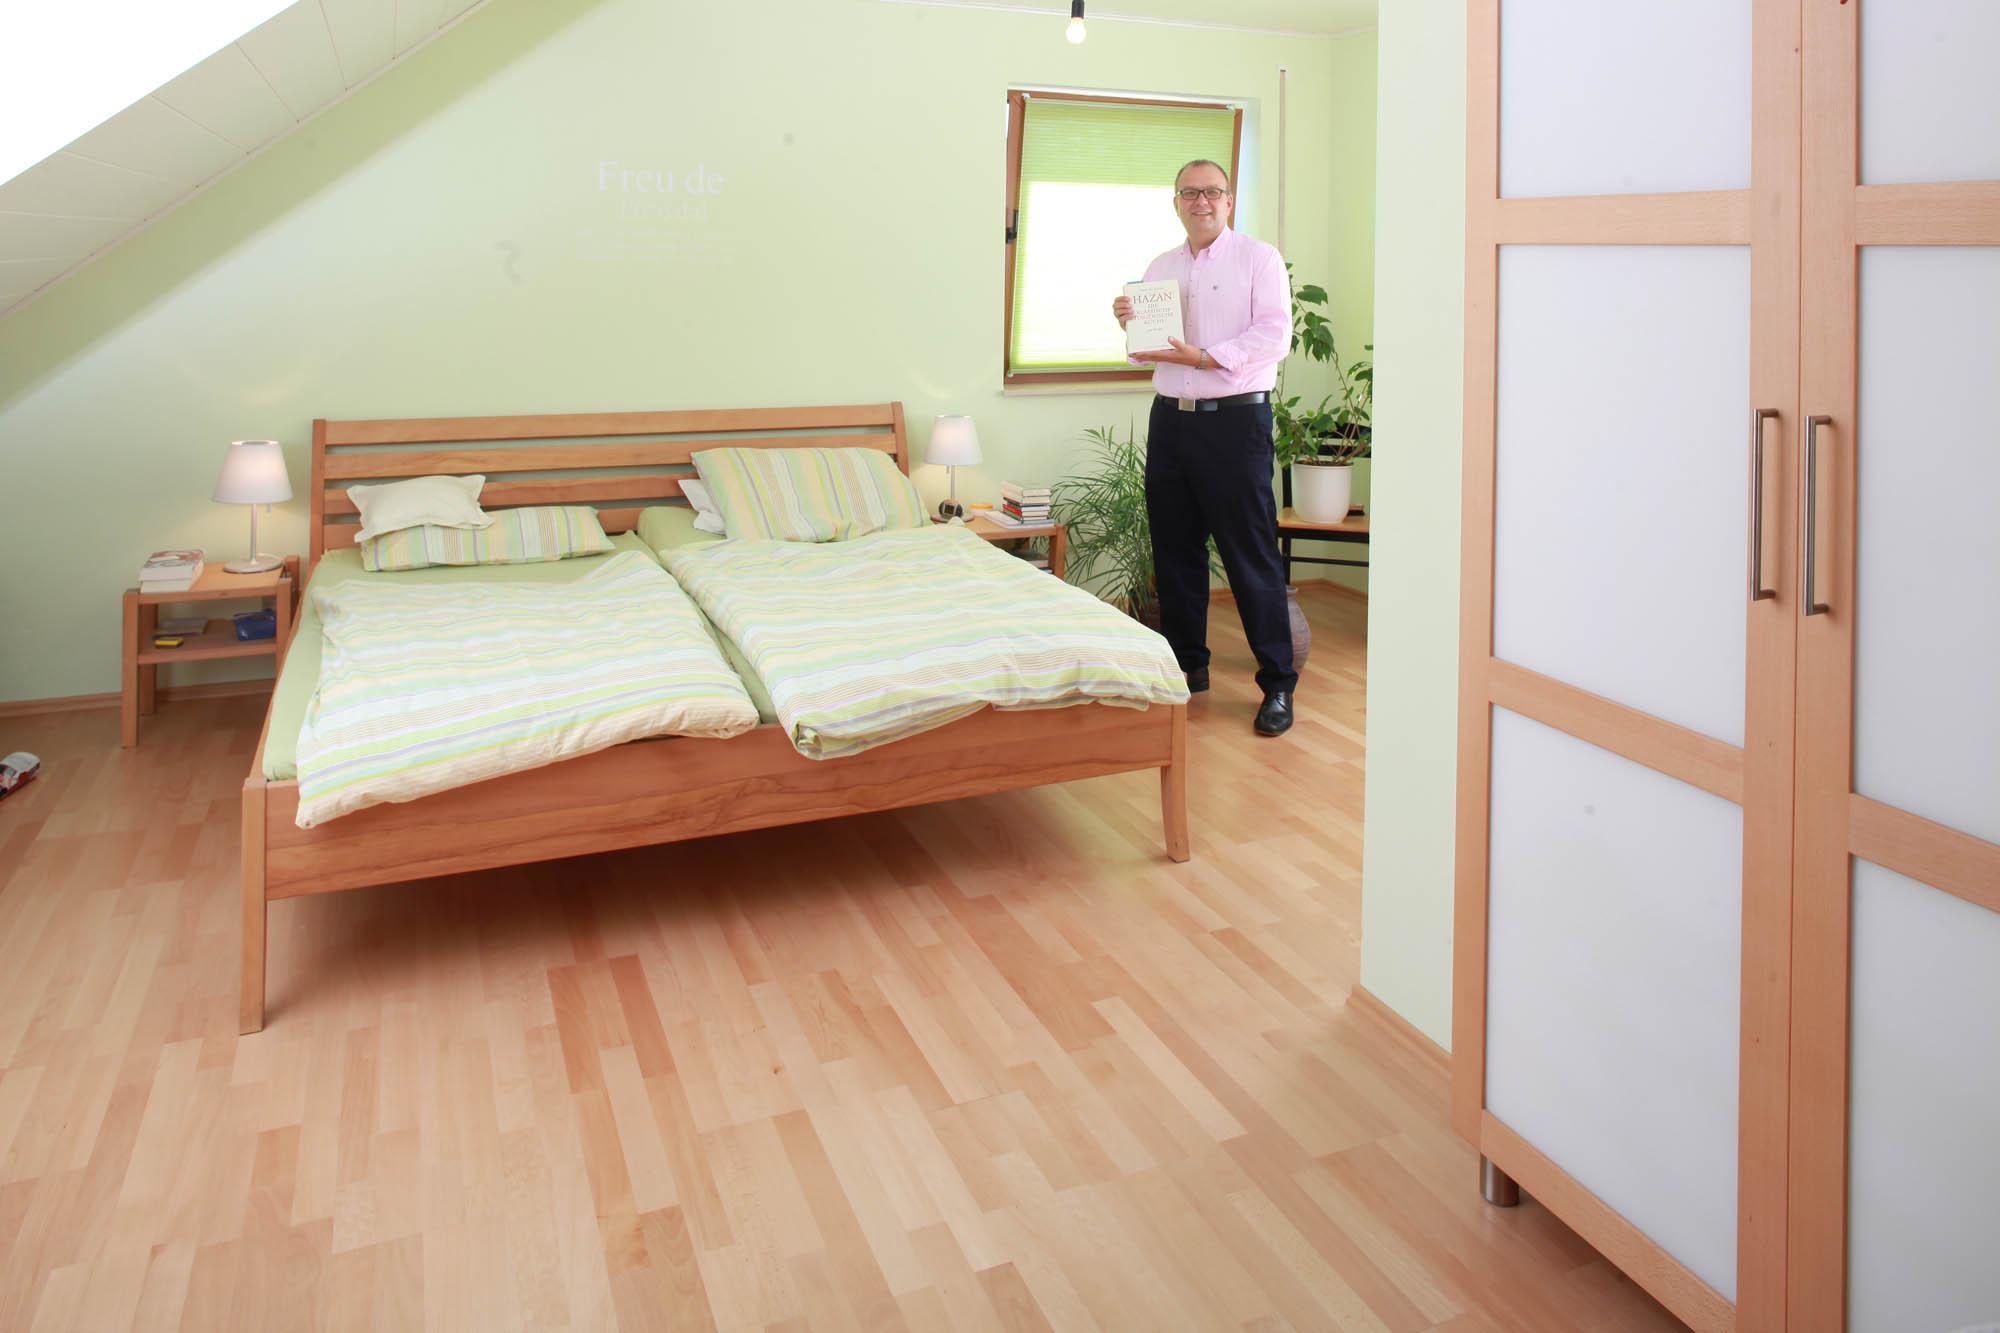 Fußboden Im Schlafzimmer ~ Das gesunde schlafzimmer vom fußboden über die massivholzmöbel bis